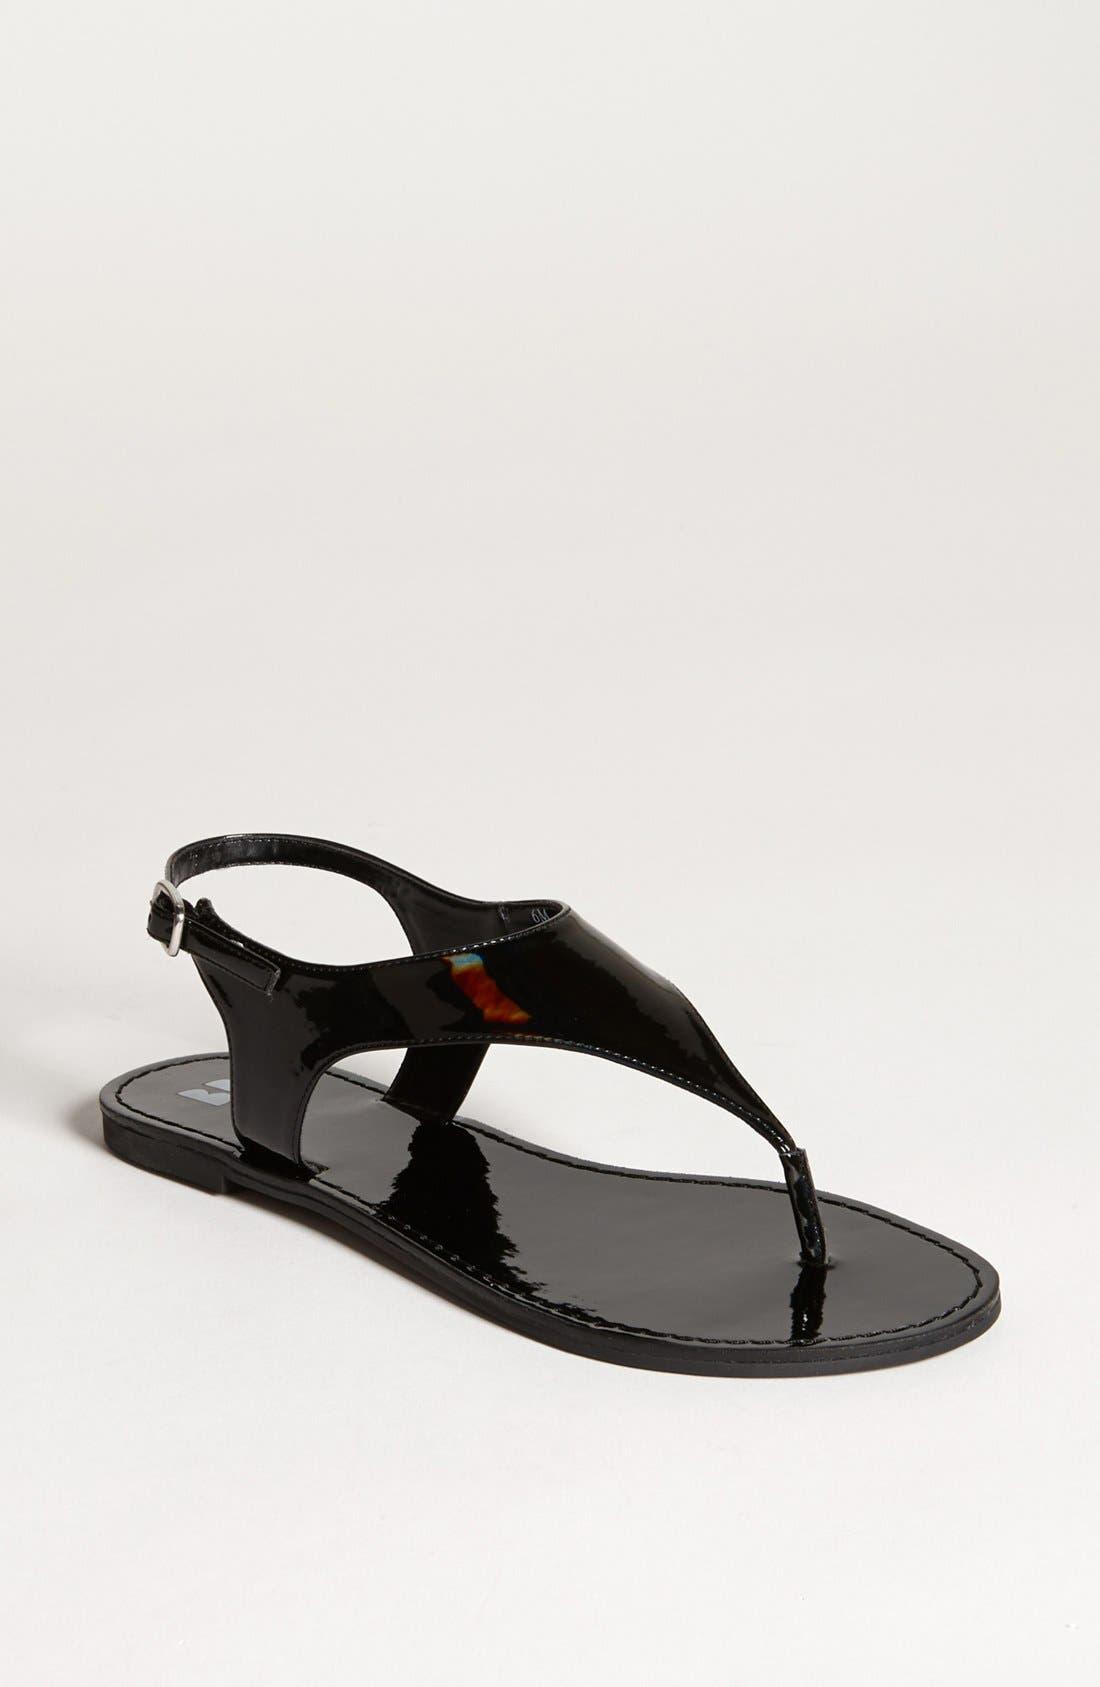 Alternate Image 1 Selected - BP. 'Ocean' Thong Sandal